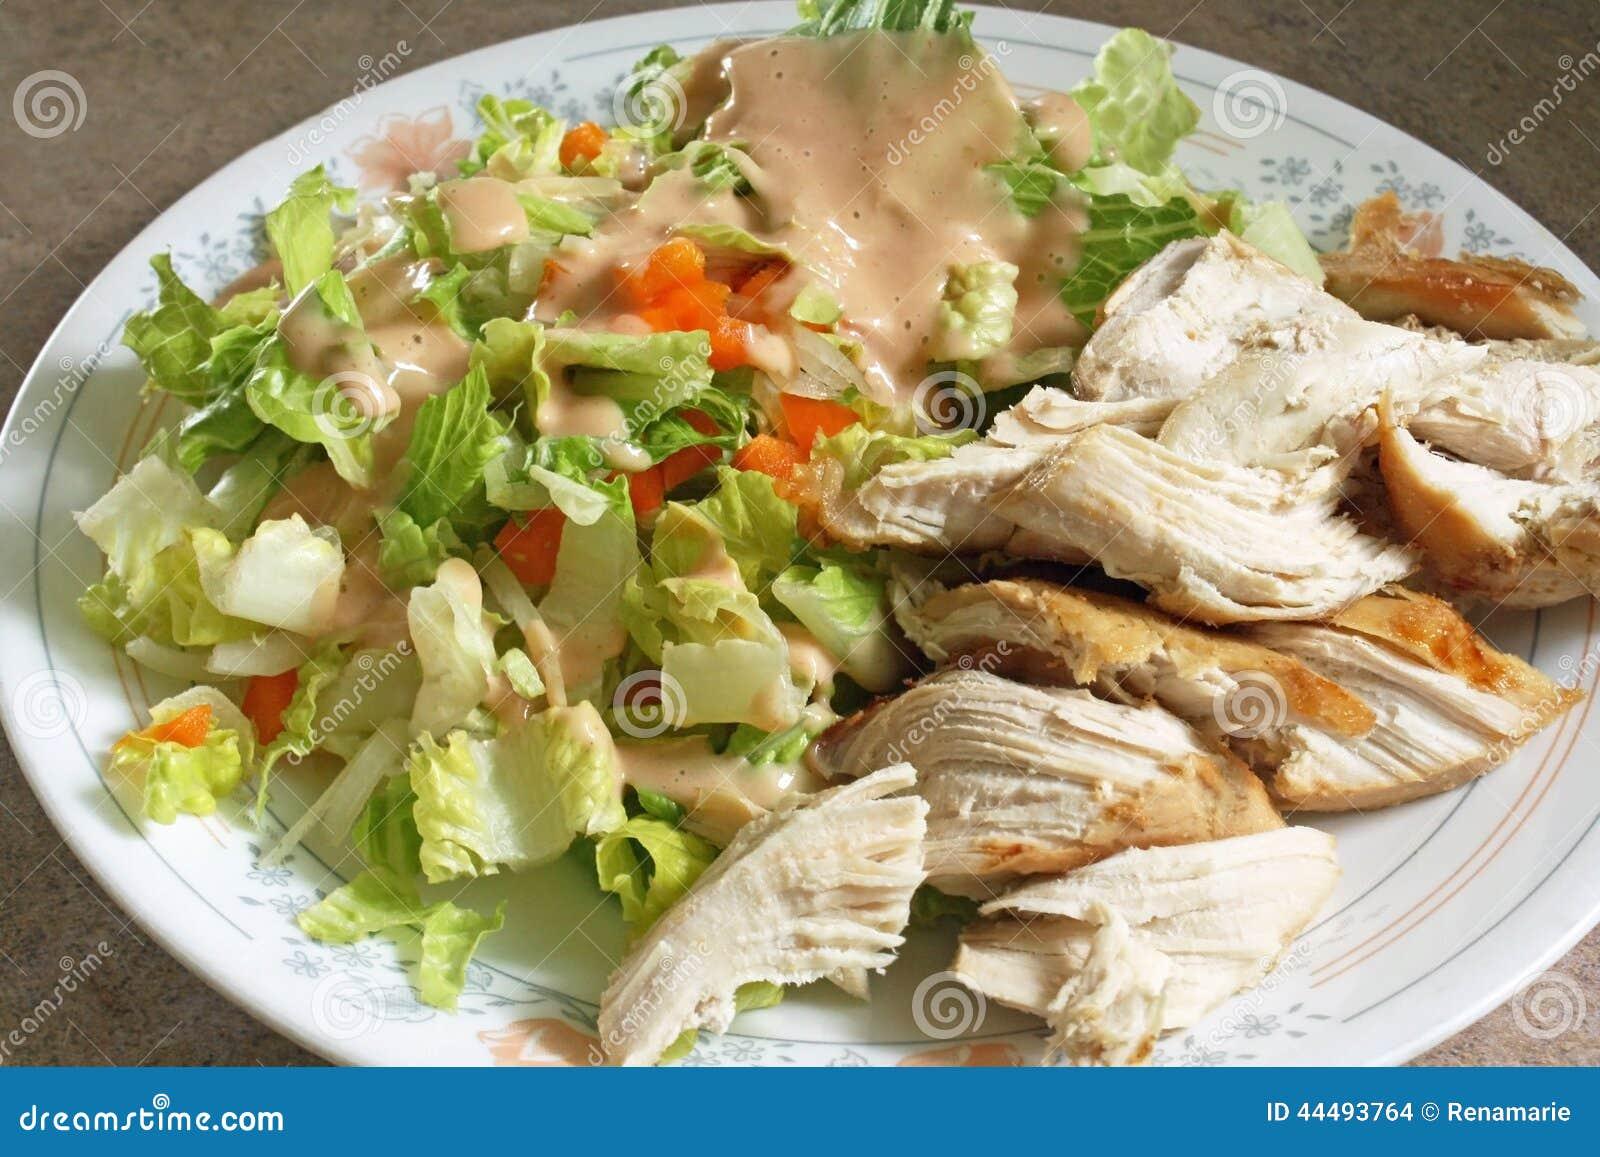 plat de r gime de poulet et de salade photo stock image 44493764. Black Bedroom Furniture Sets. Home Design Ideas